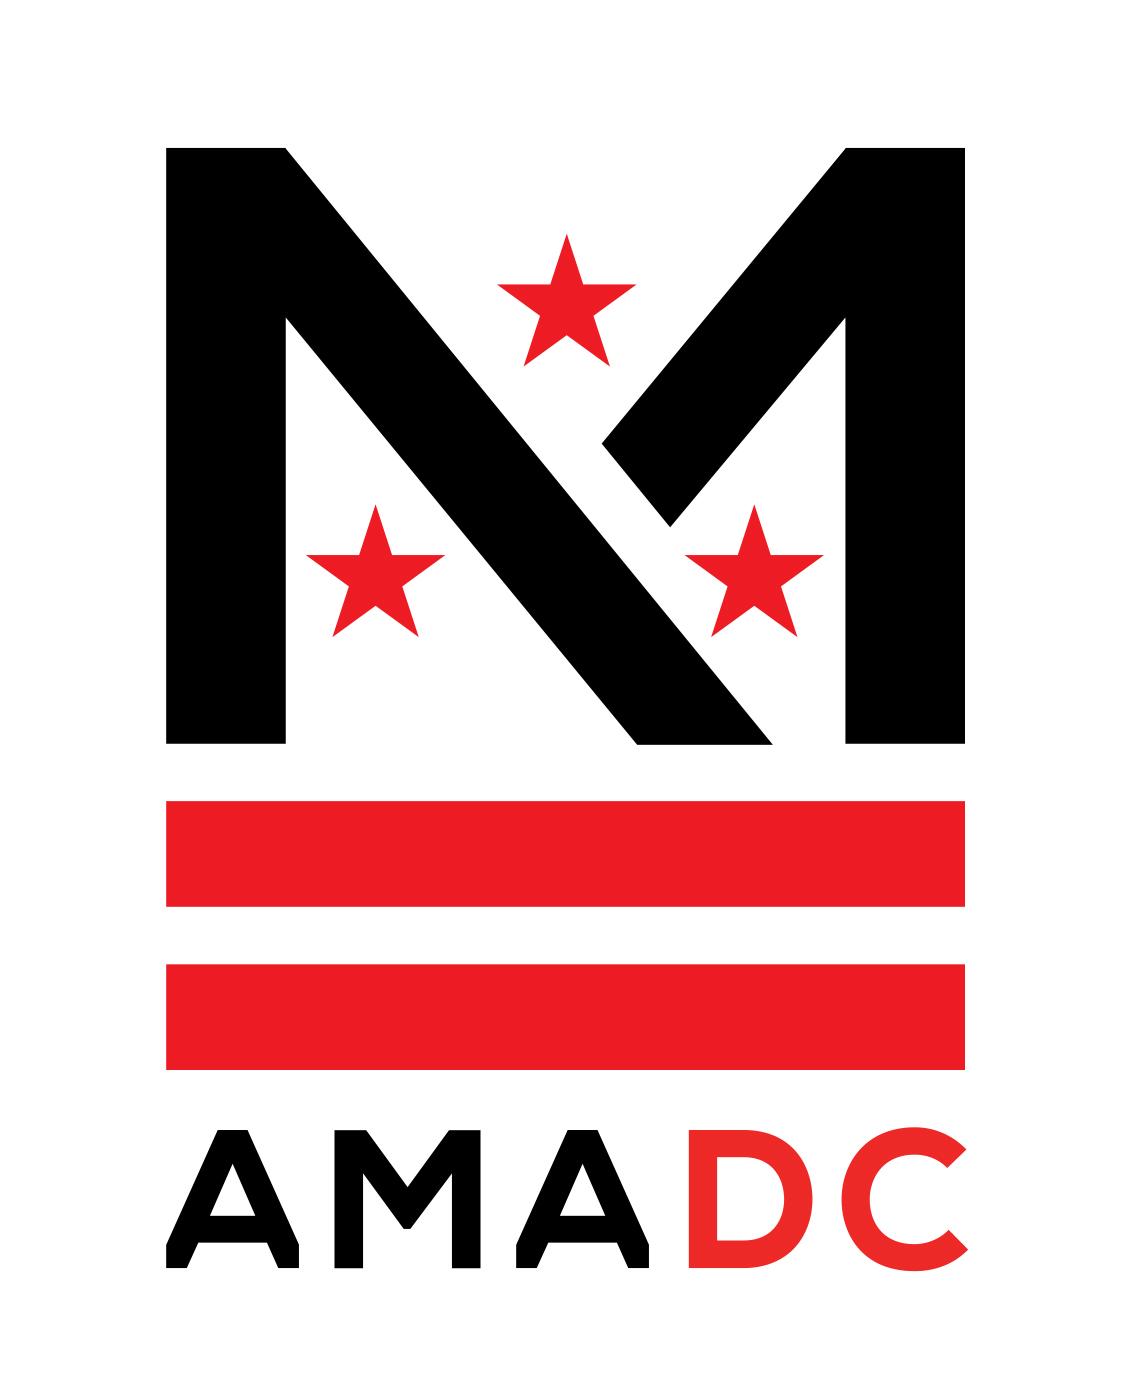 AMADC_logo